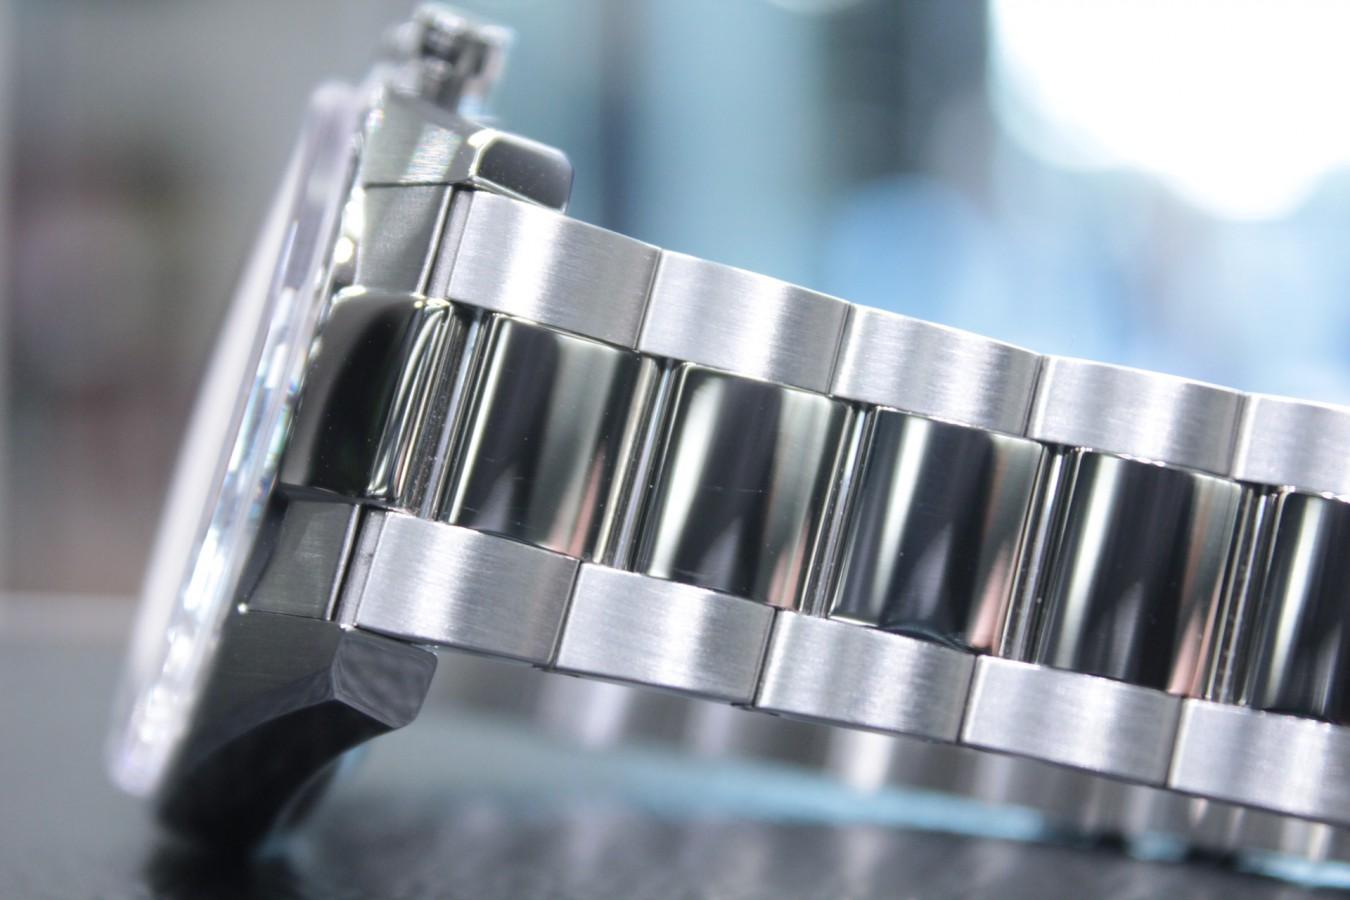 IMG_6255 生産終了のグレーダイヤル!マルチカラーの【エルプリメロ 42mm】 - CHRONOMASTER